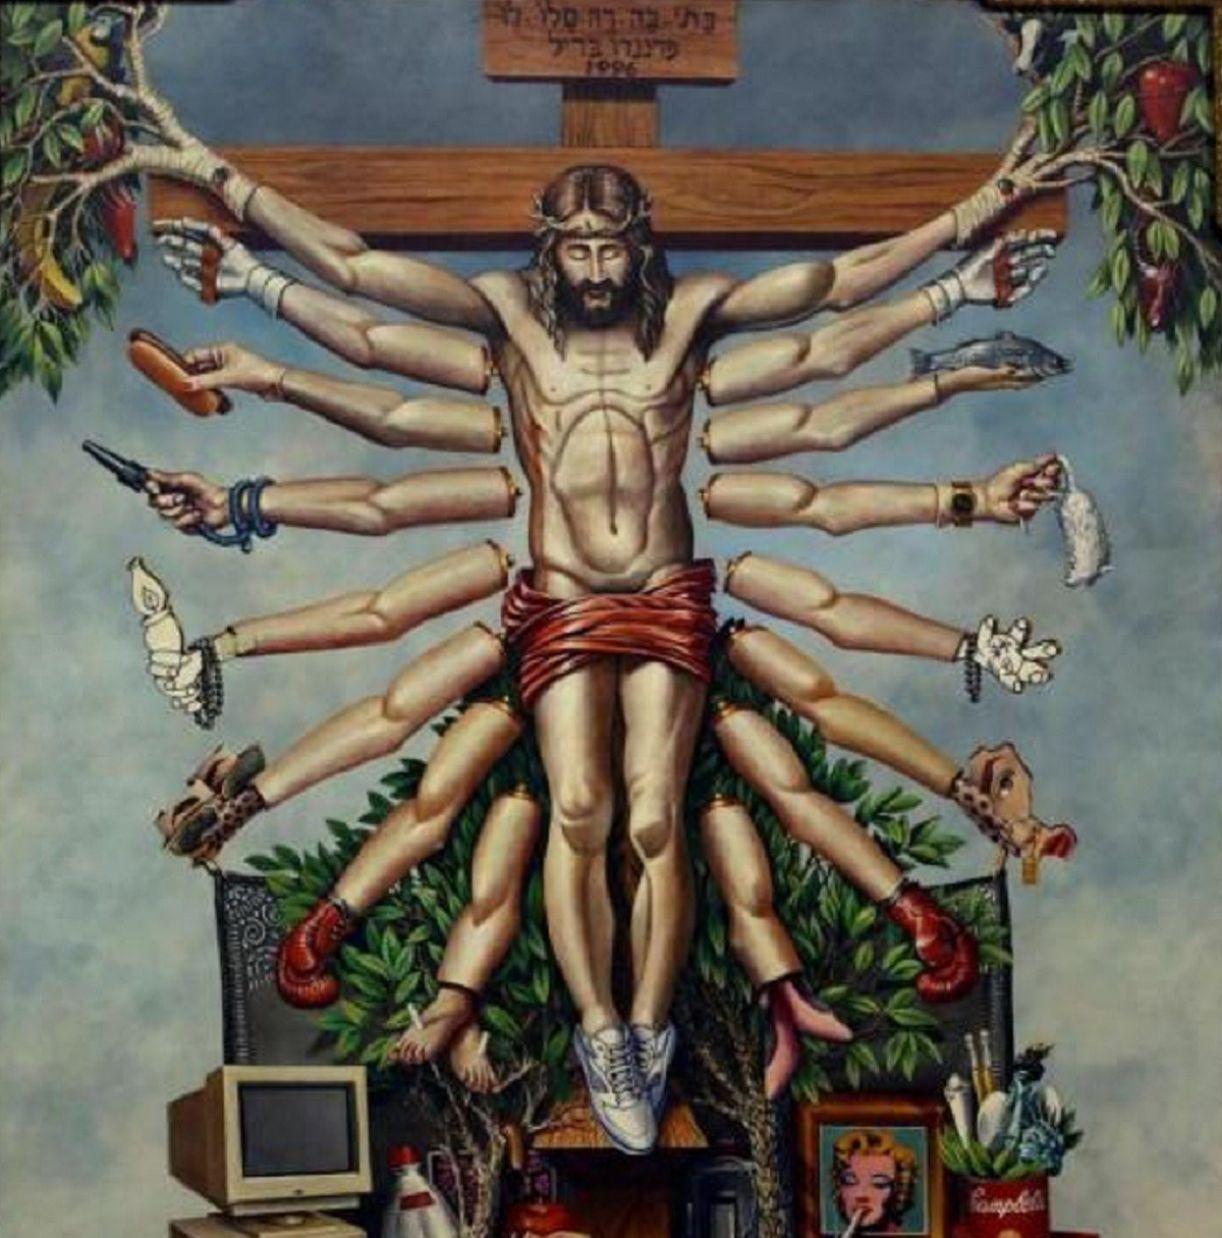 Tela de Fernando Baril, que faz uma fusão entre as imagens de Cristo e do deus Shiva